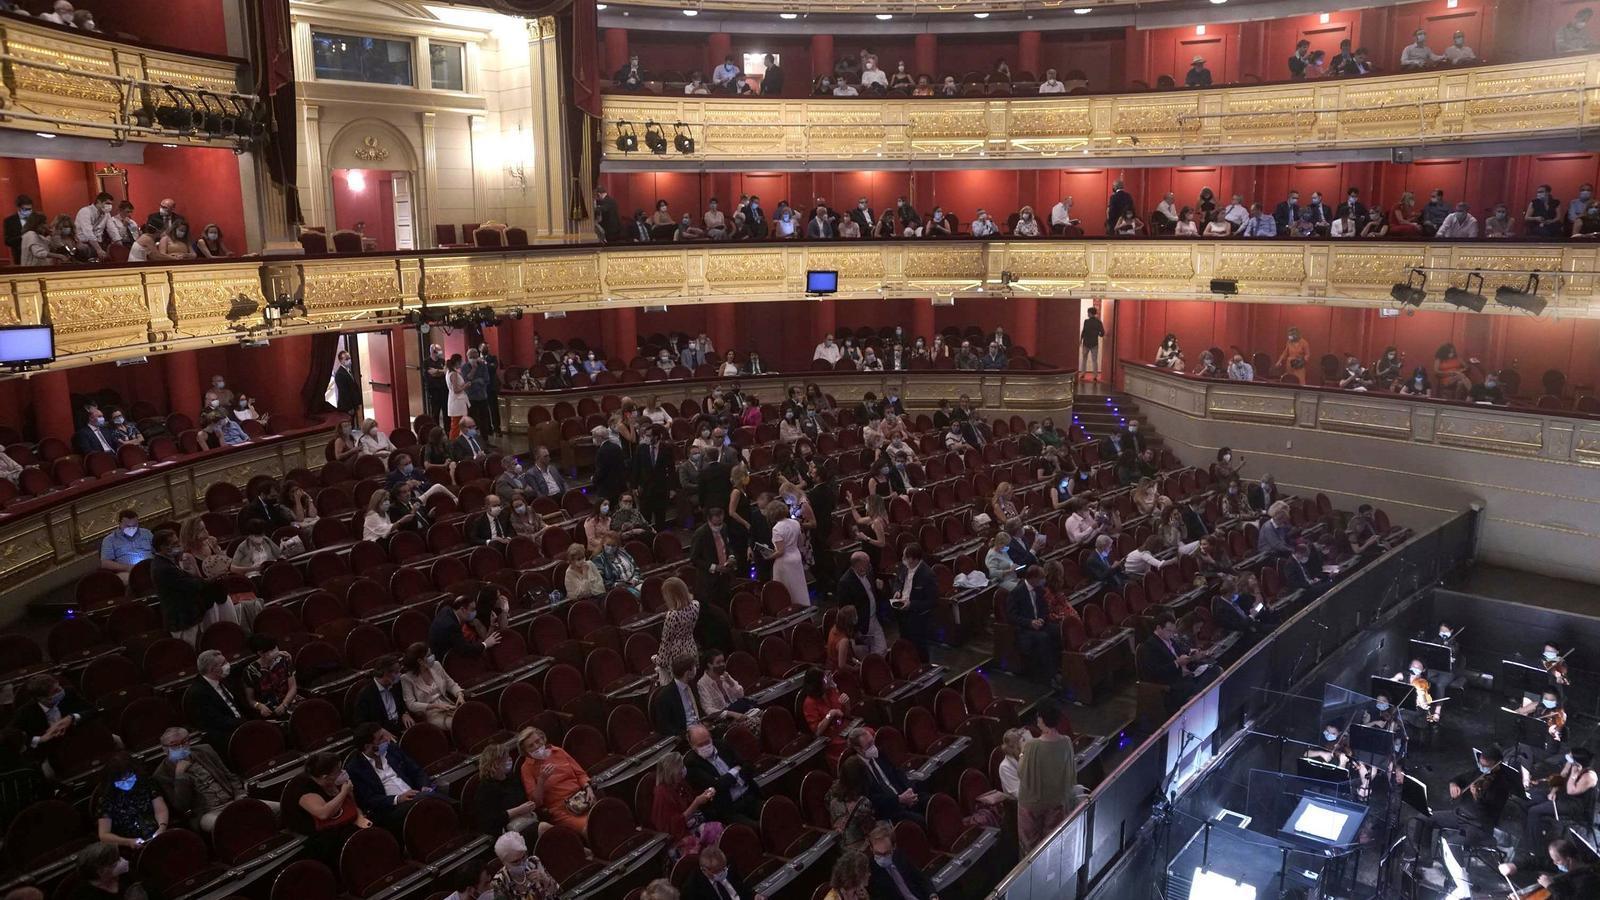 Aspecte del Teatro Real de Madrid abans de d'inici de 'La traviata'